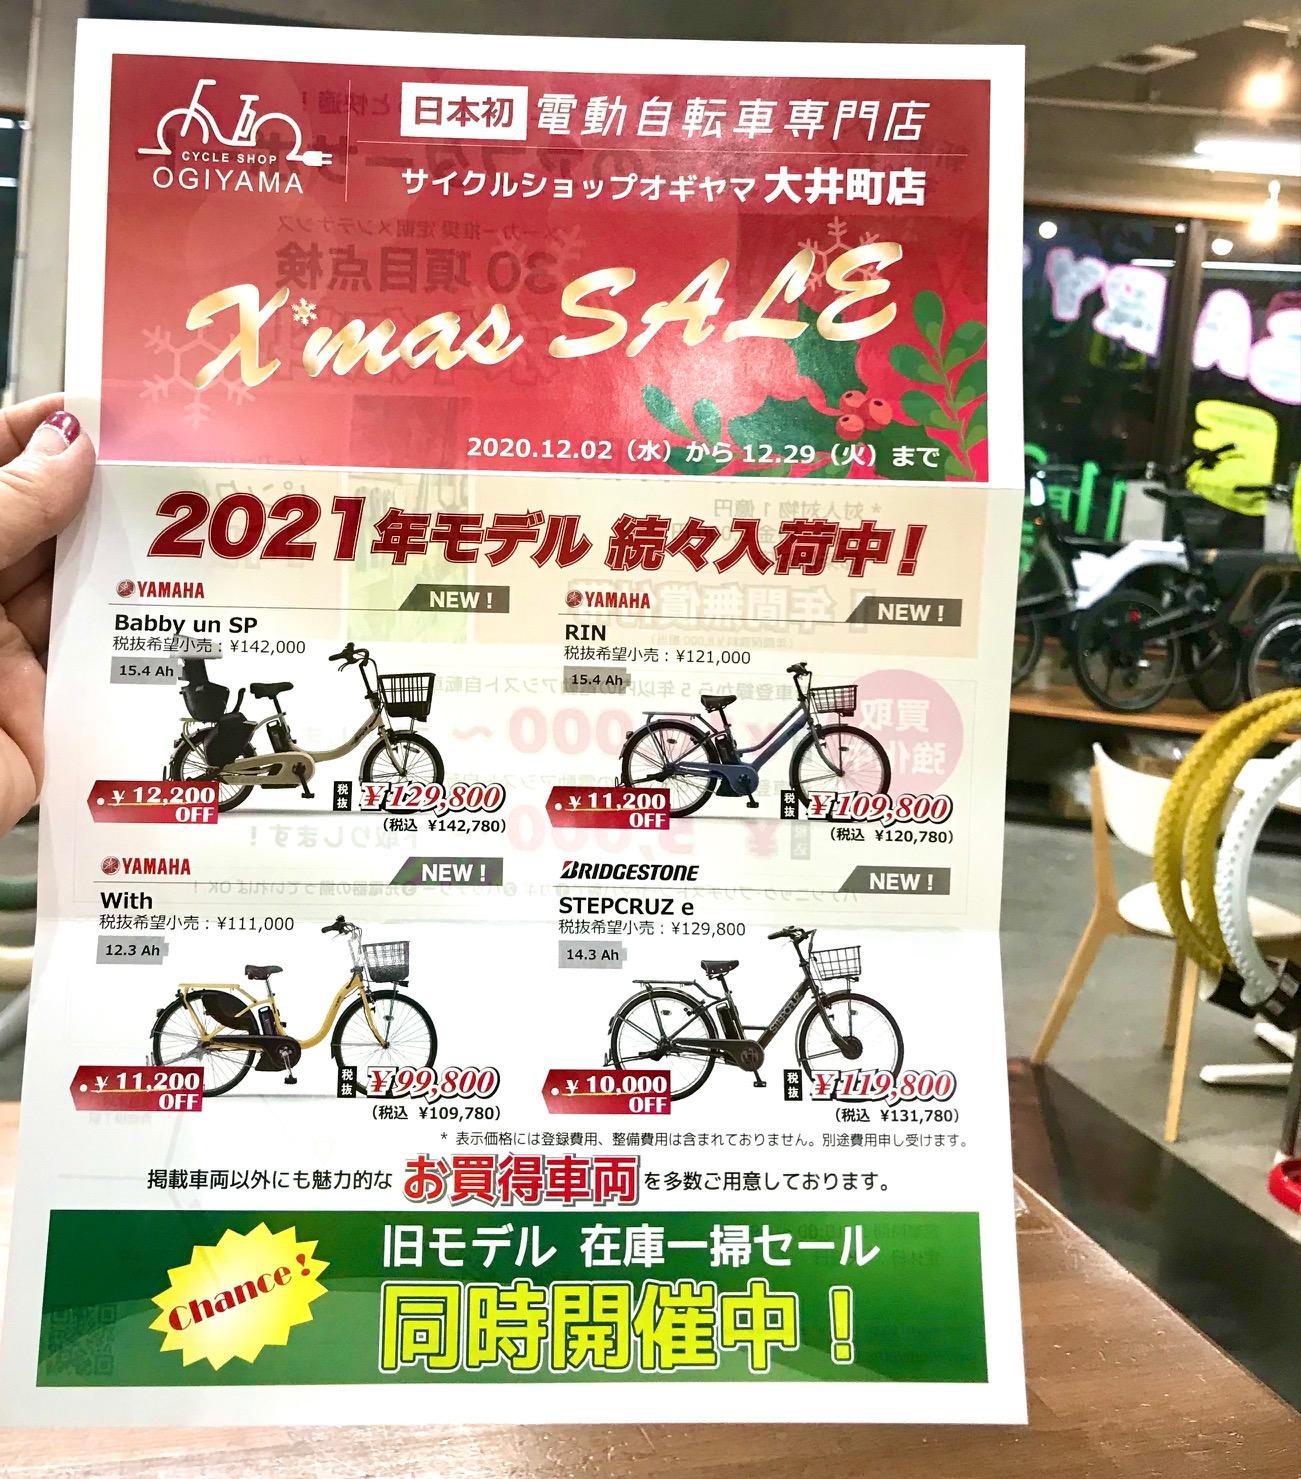 【大井町店】2021年モデル続々入荷中!